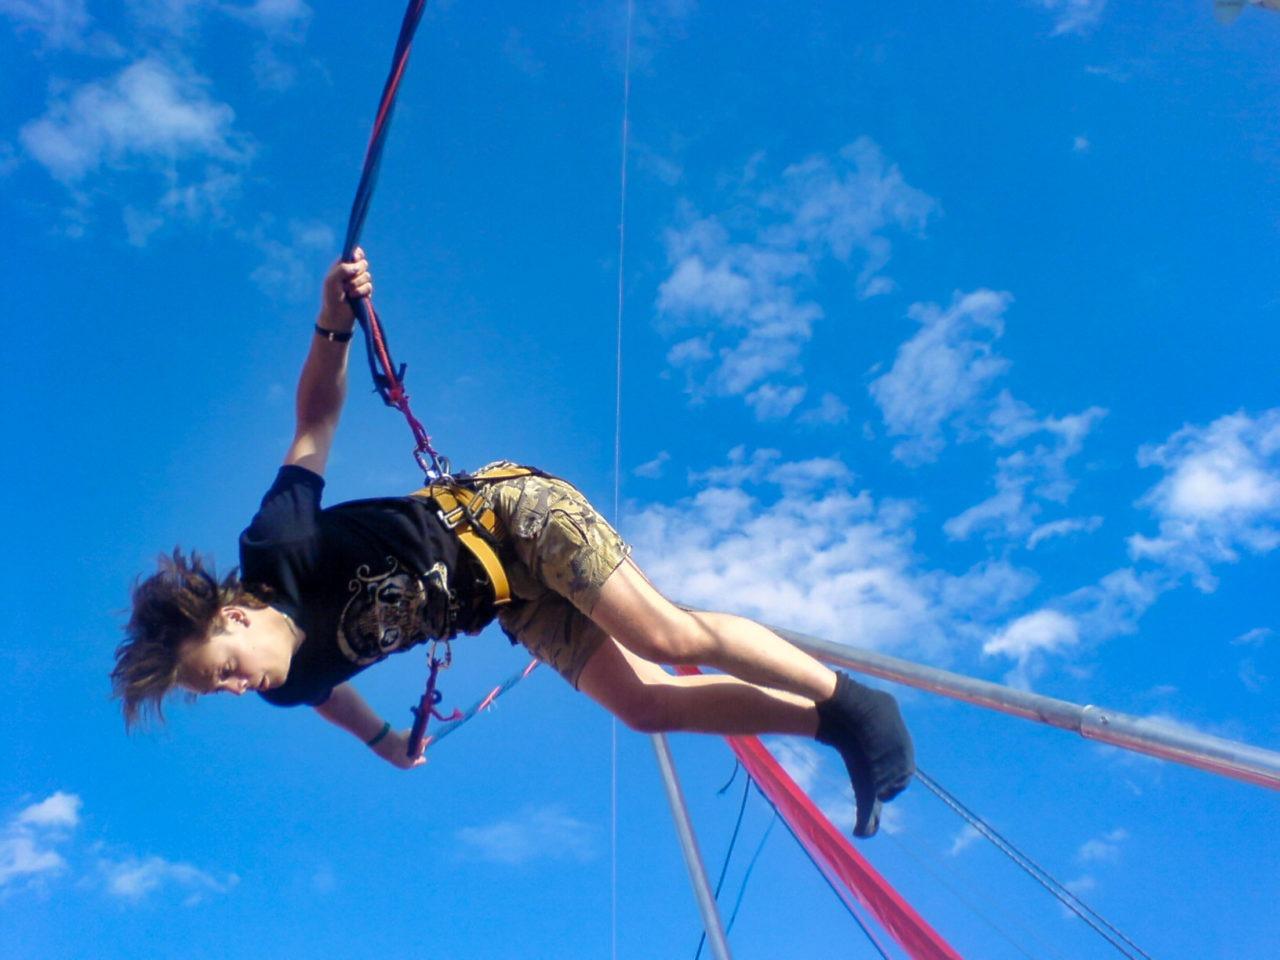 RH in een spring elastiek trampoline ding apparaat schiet voorwerp 02